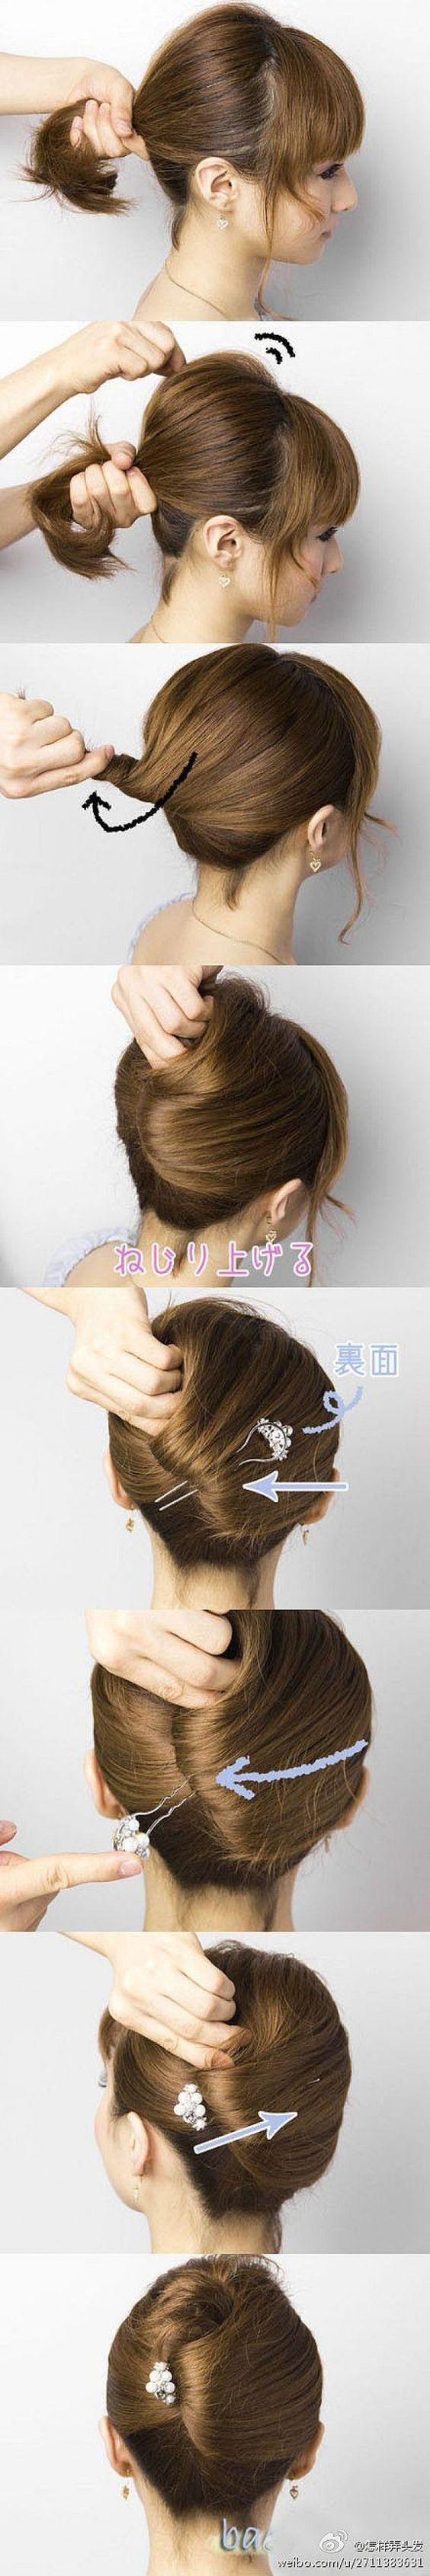 Inspirações em penteados para cabelo curto do Pinterest